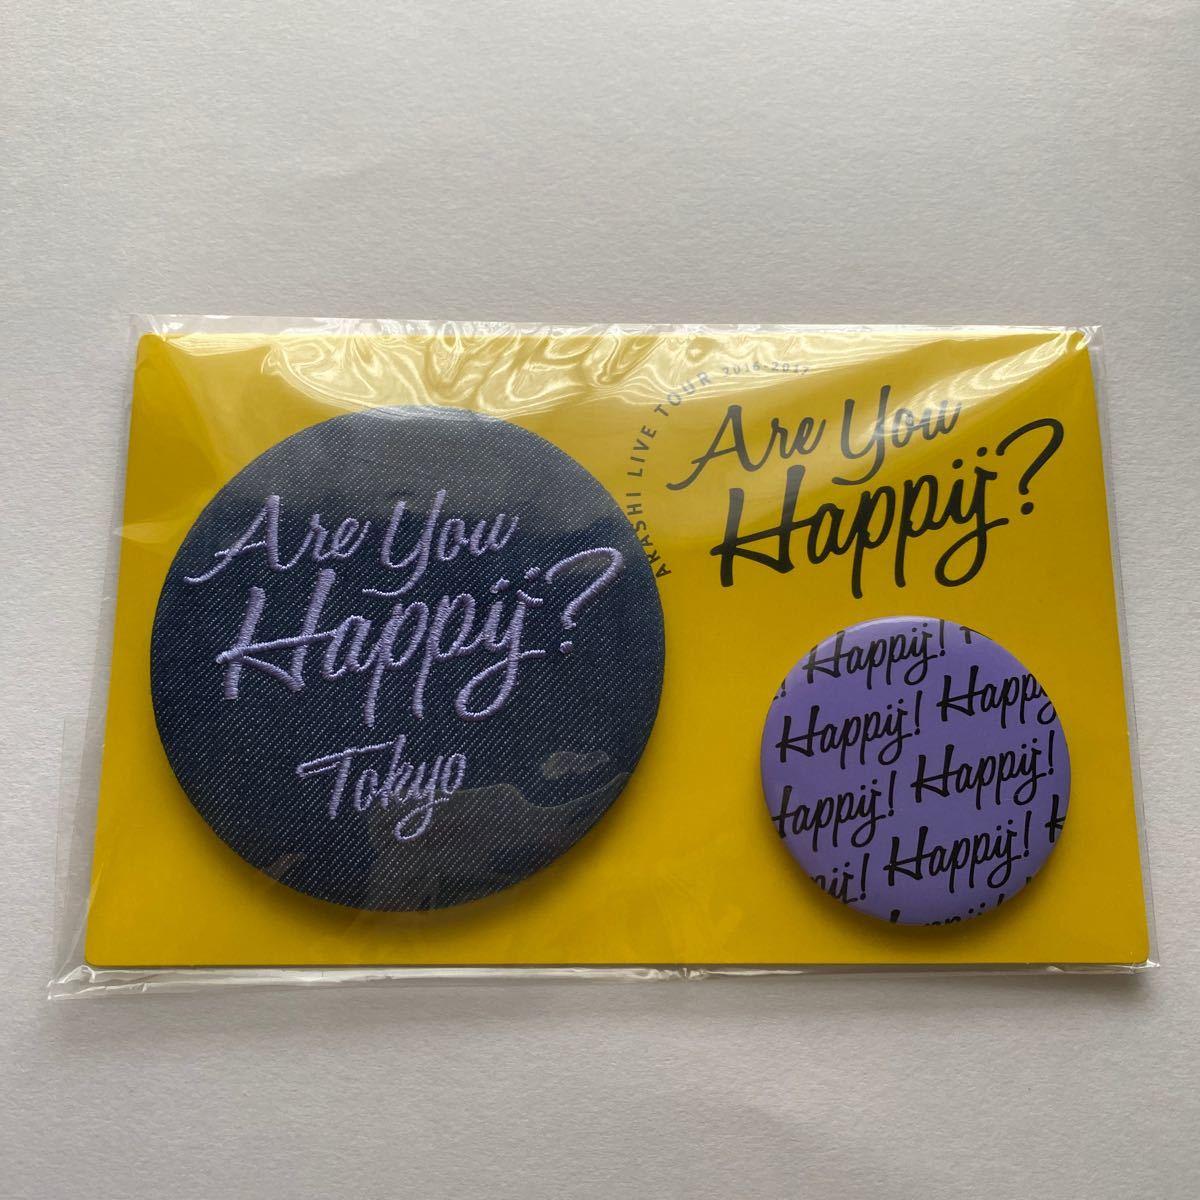 嵐 ARASHI Are You Happy? 会場限定 バッジセット 紫 東京